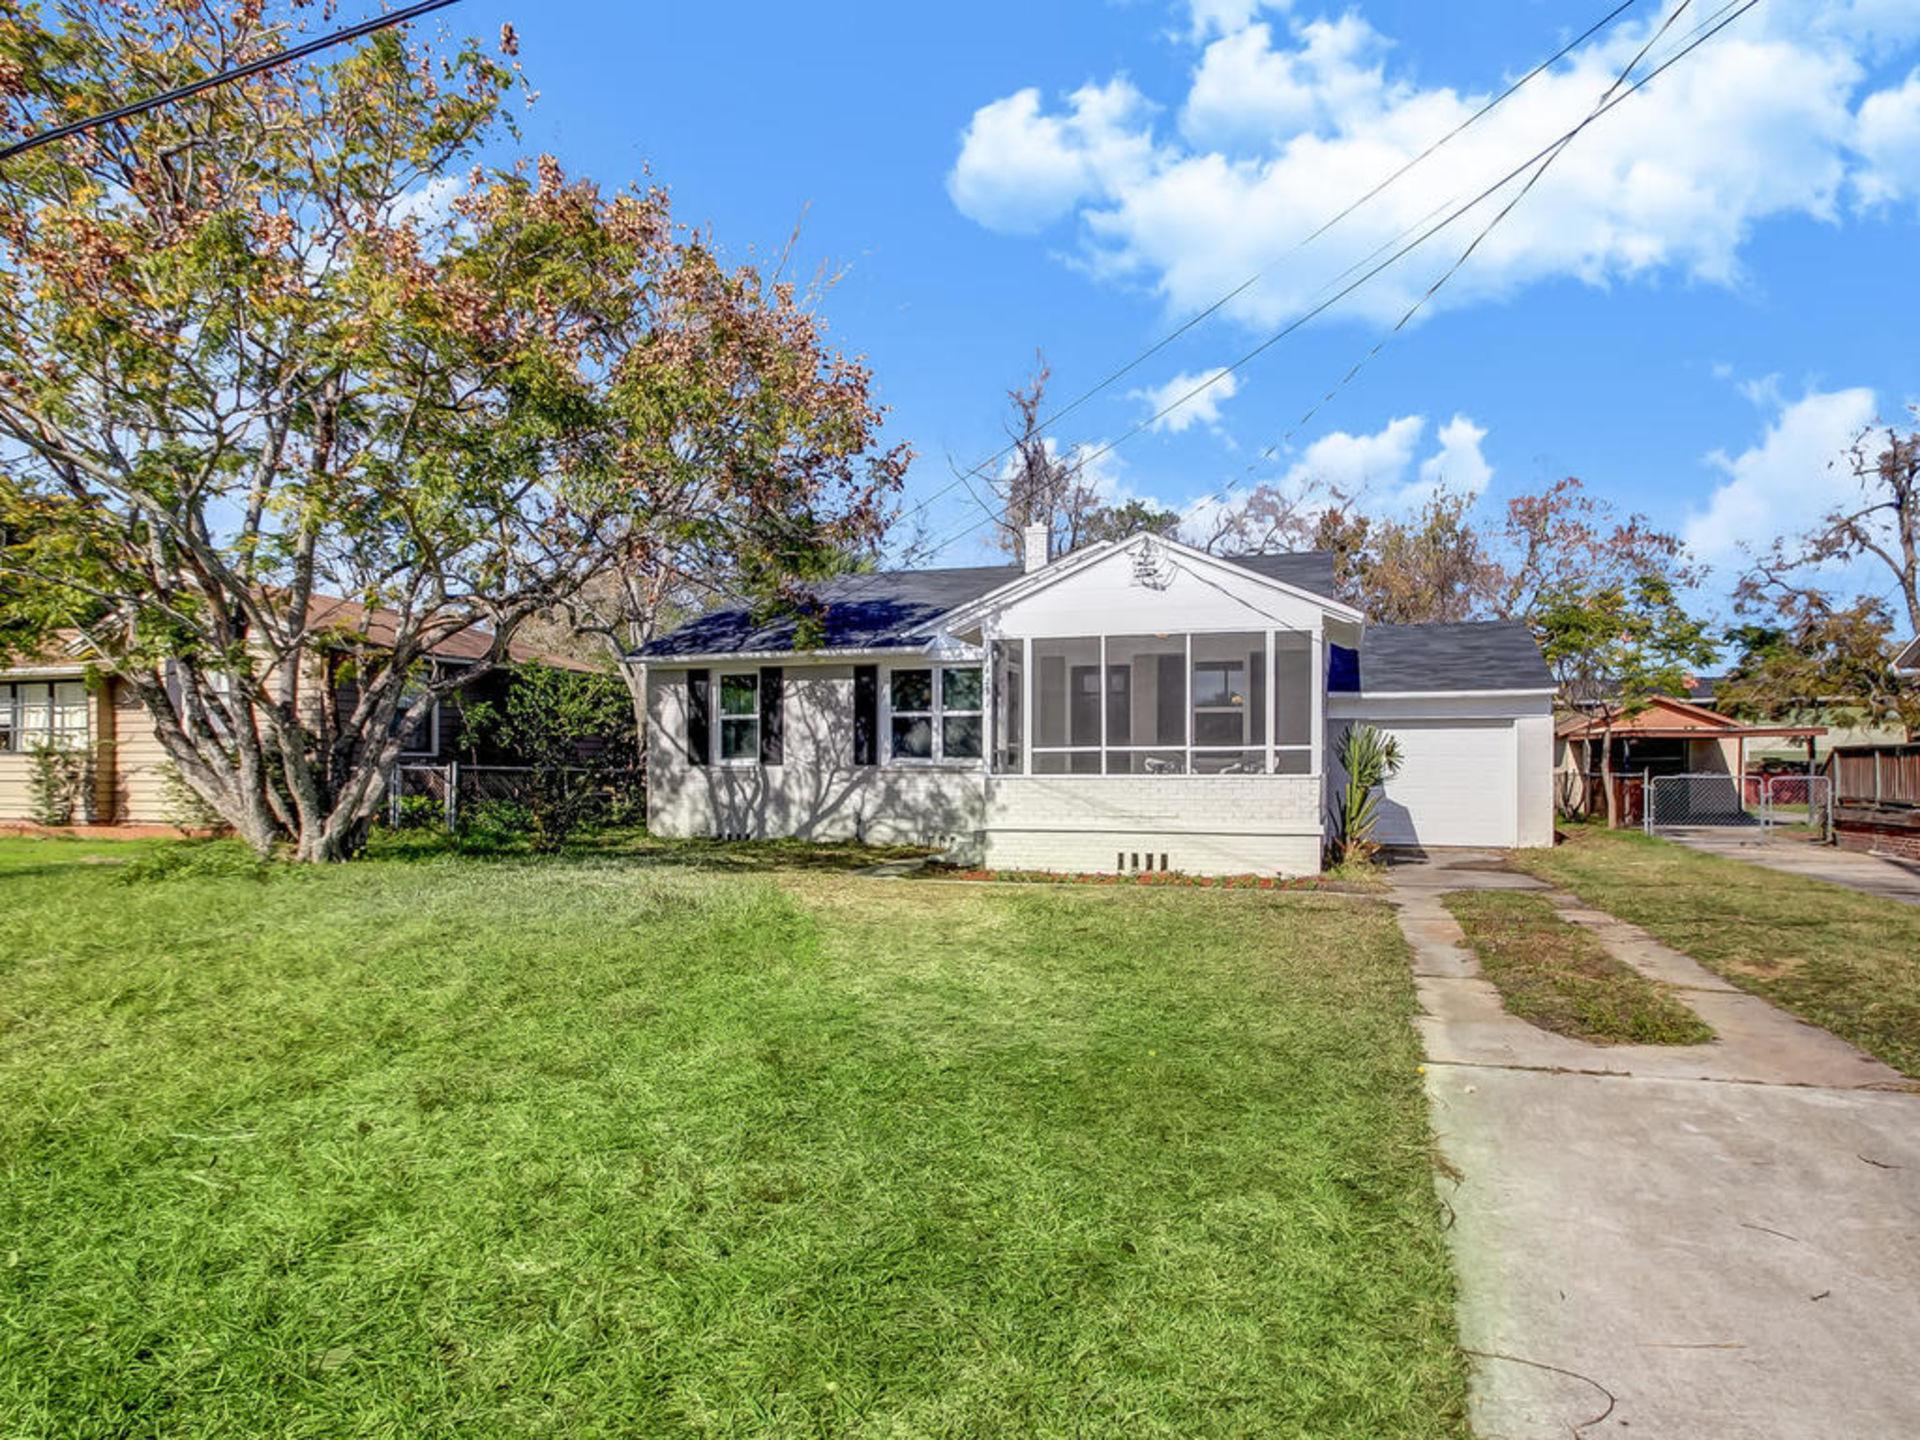 OPEN HOUSE-4629 CARDINAL BLVD, JAX, FL 32210- SAT 1/7 & SUN 1/8 11:00-1:00